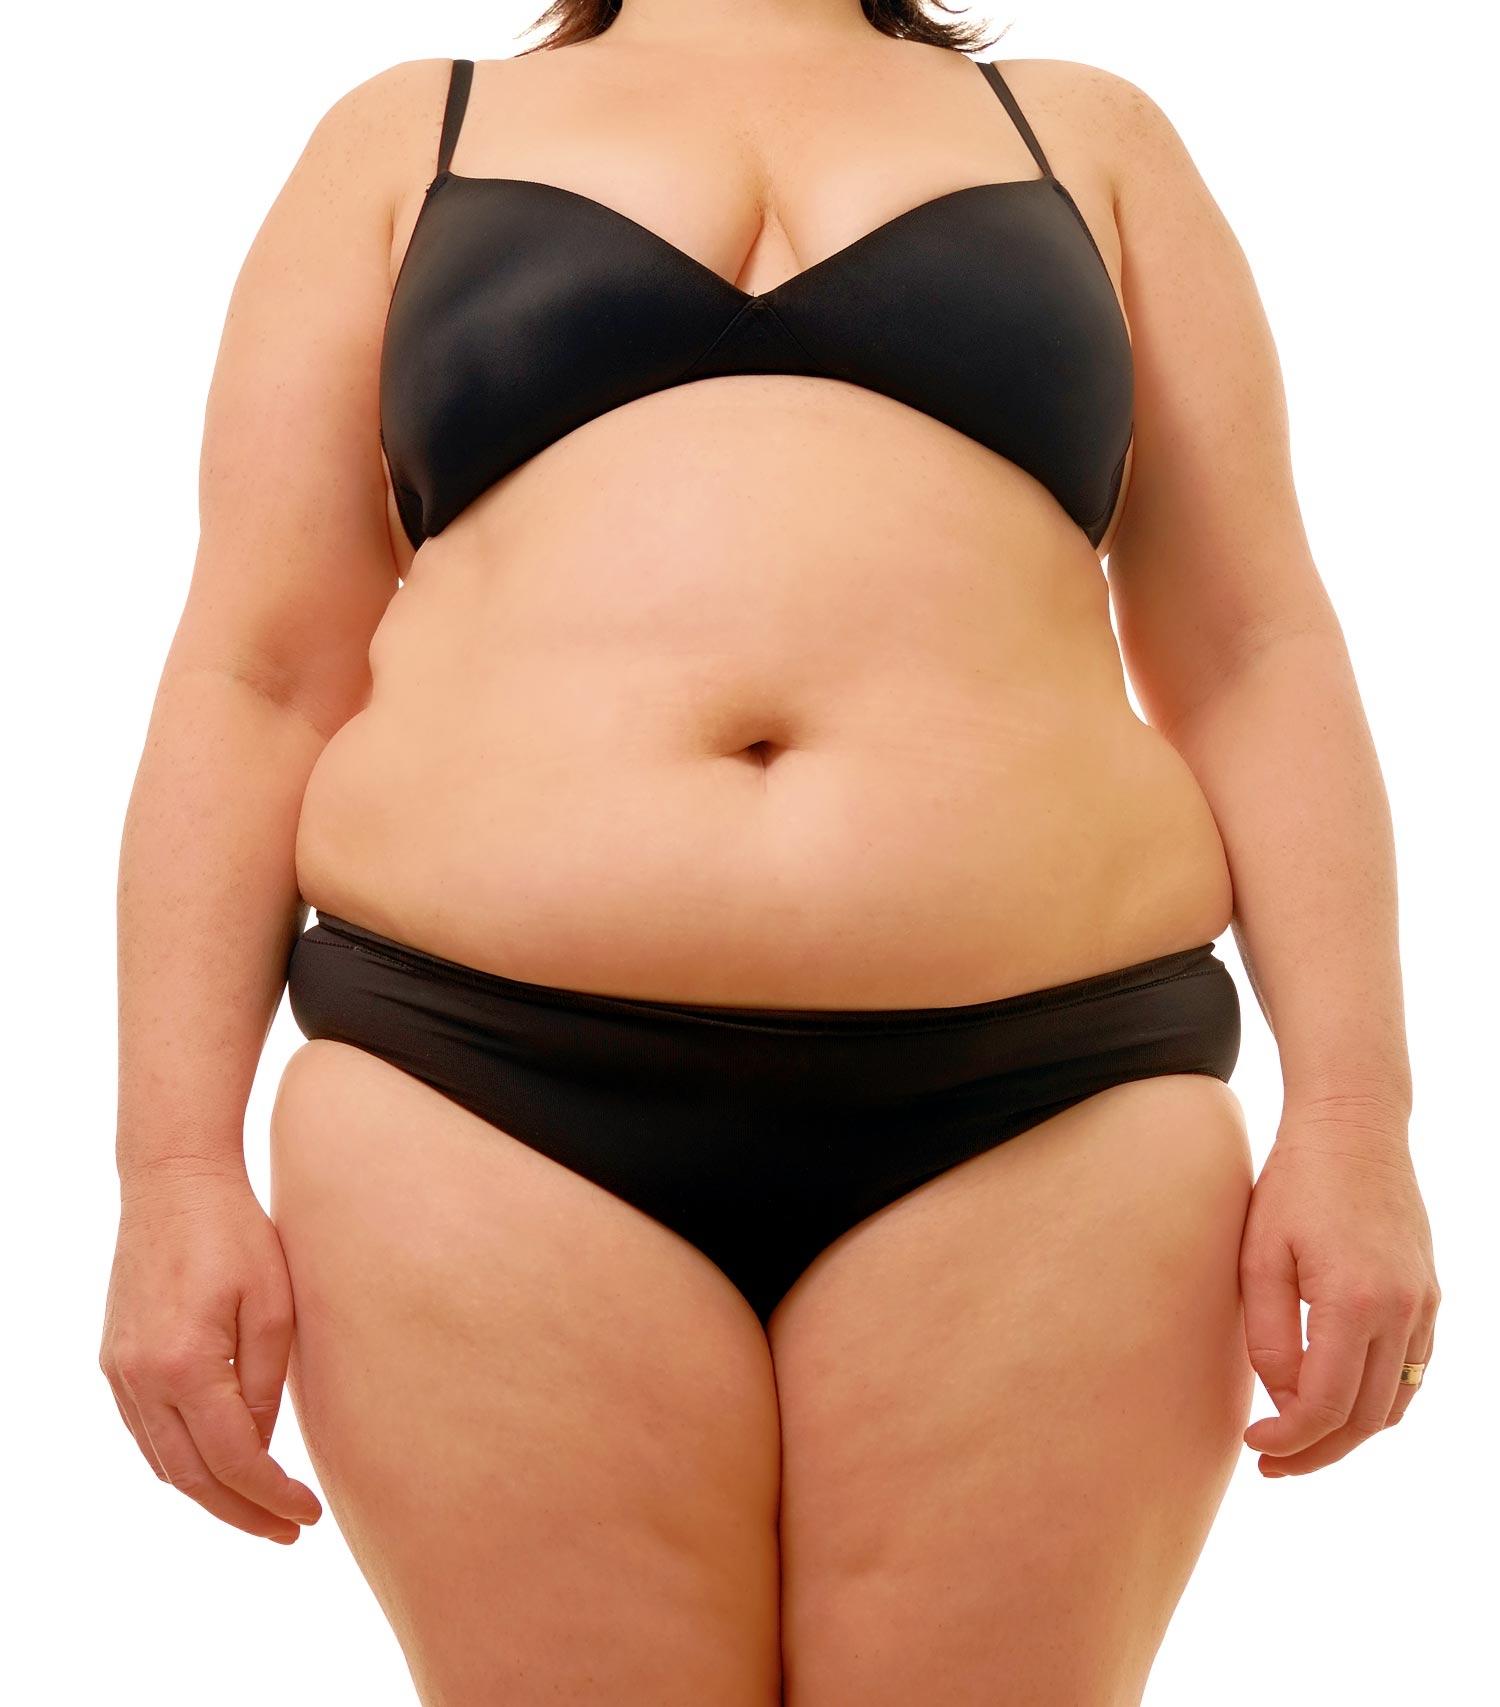 fedt på maven overgangsalder